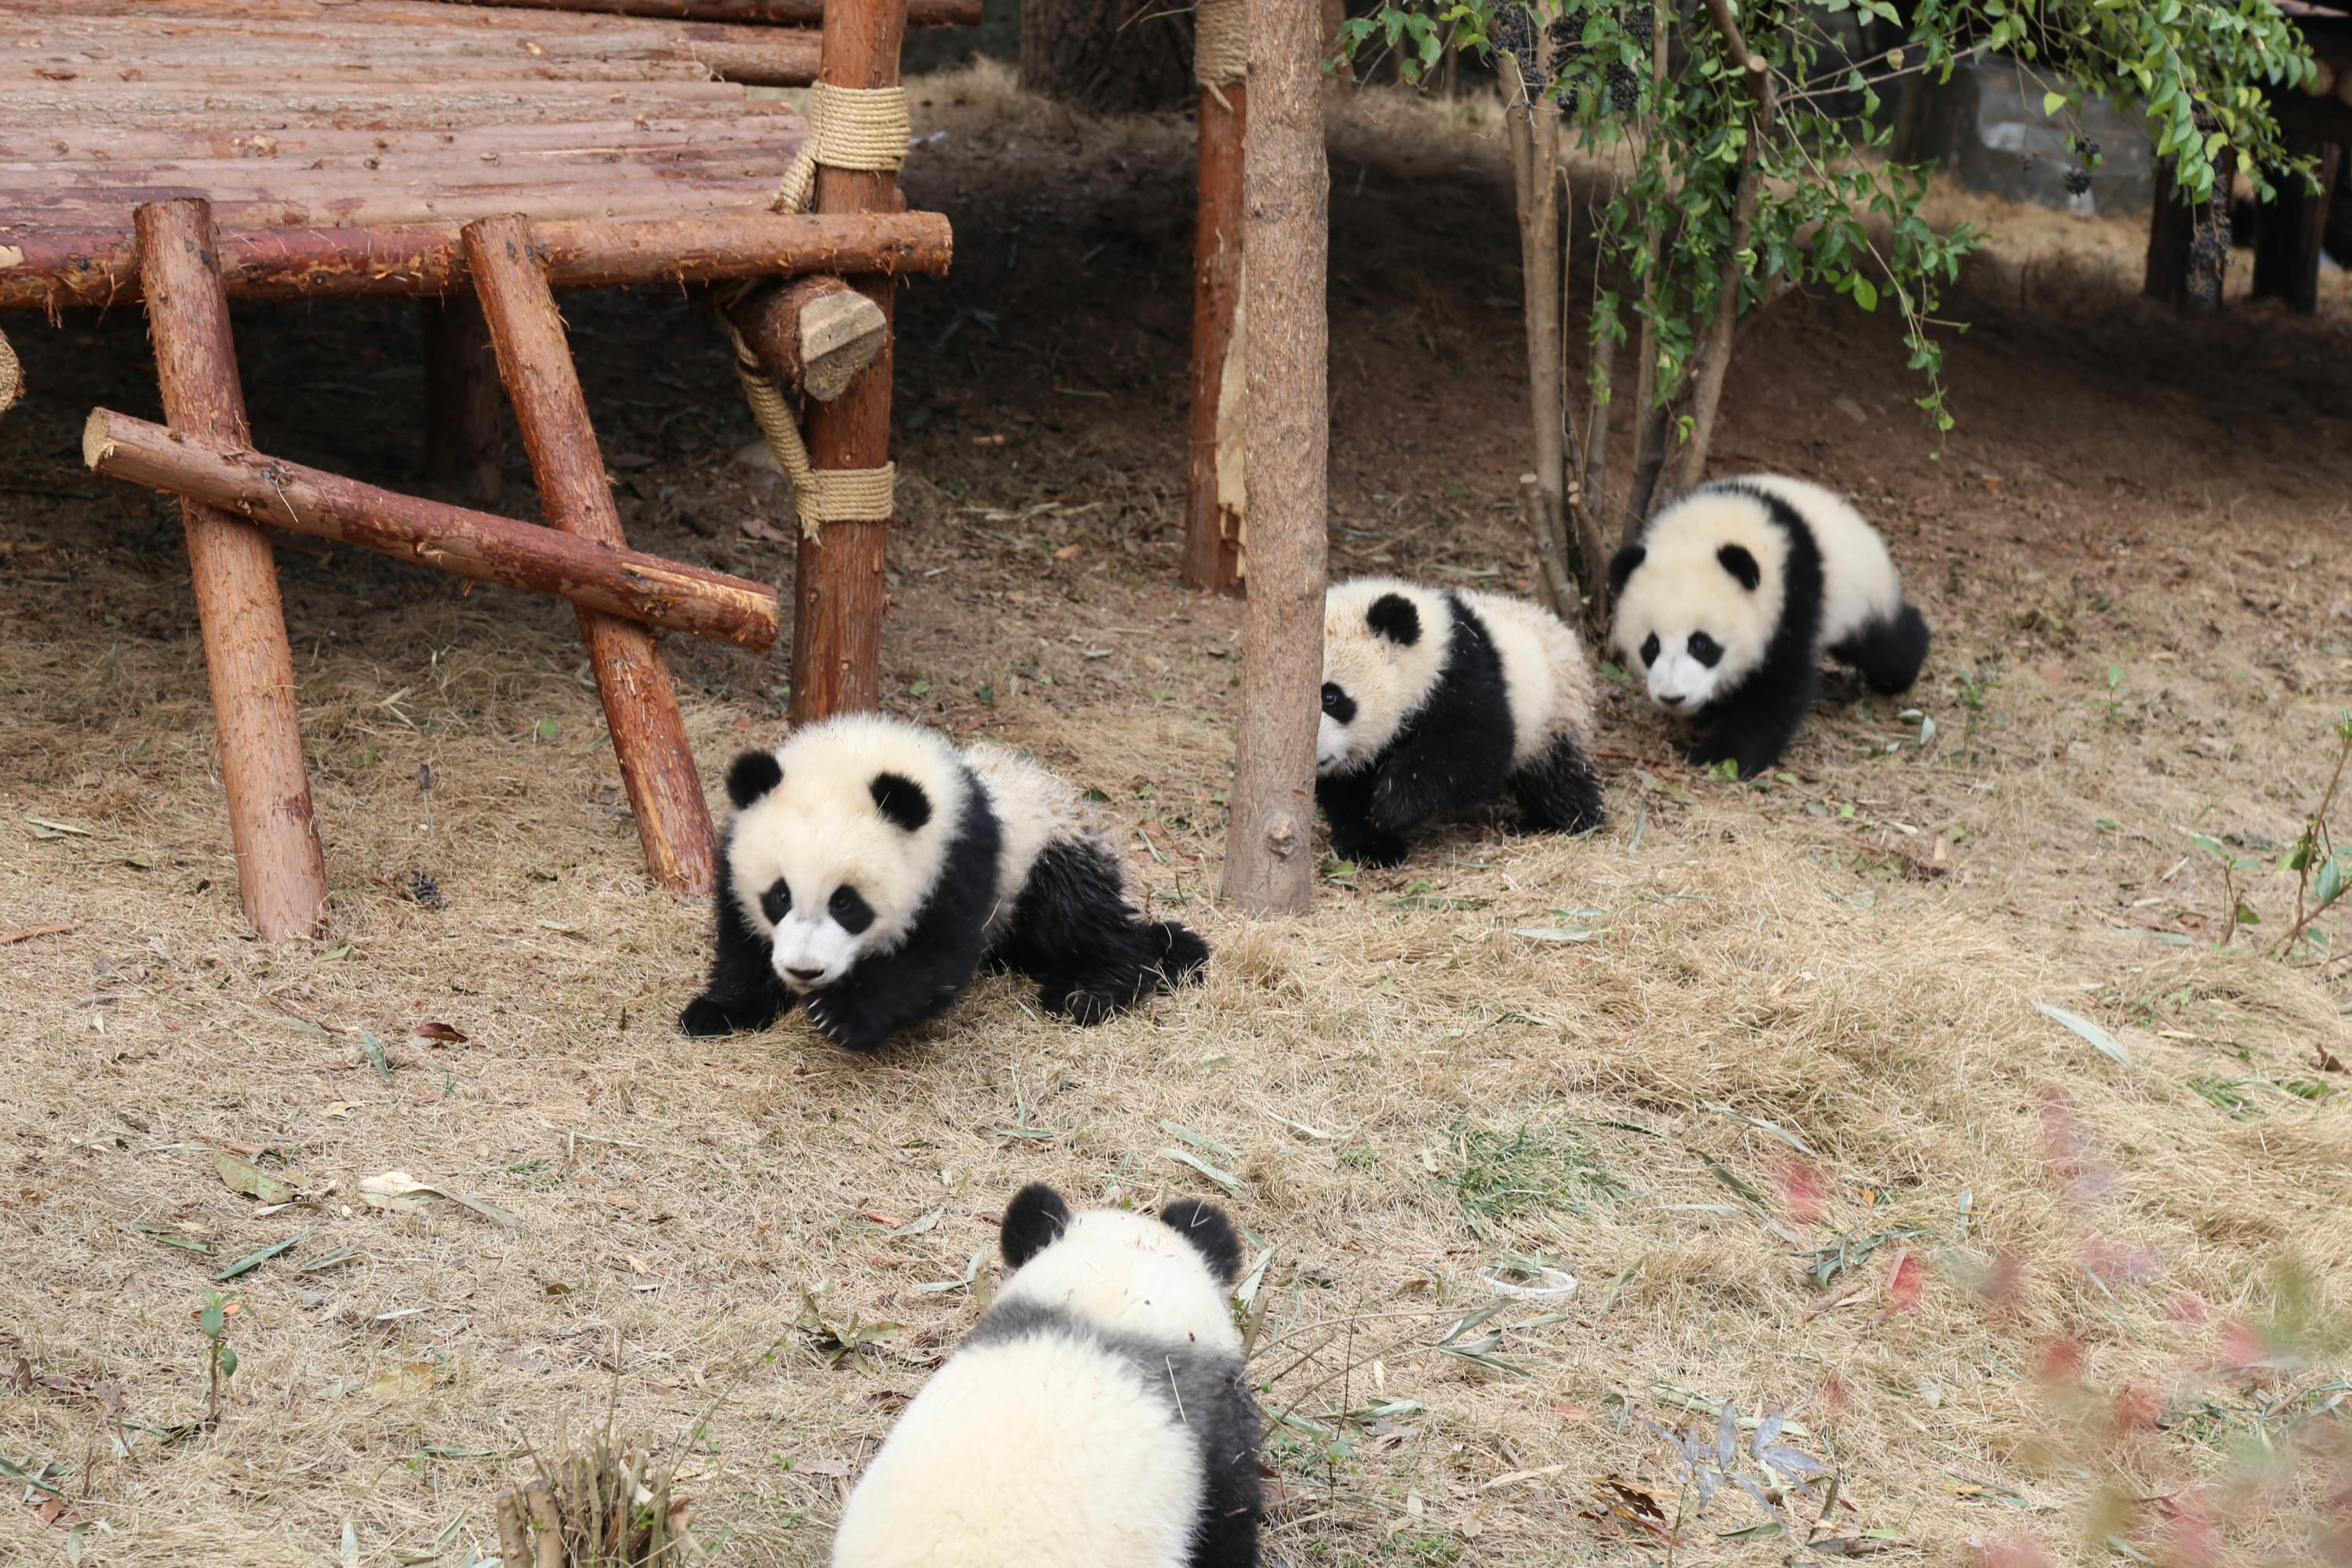 照片pk,卖萌大熊猫 vs